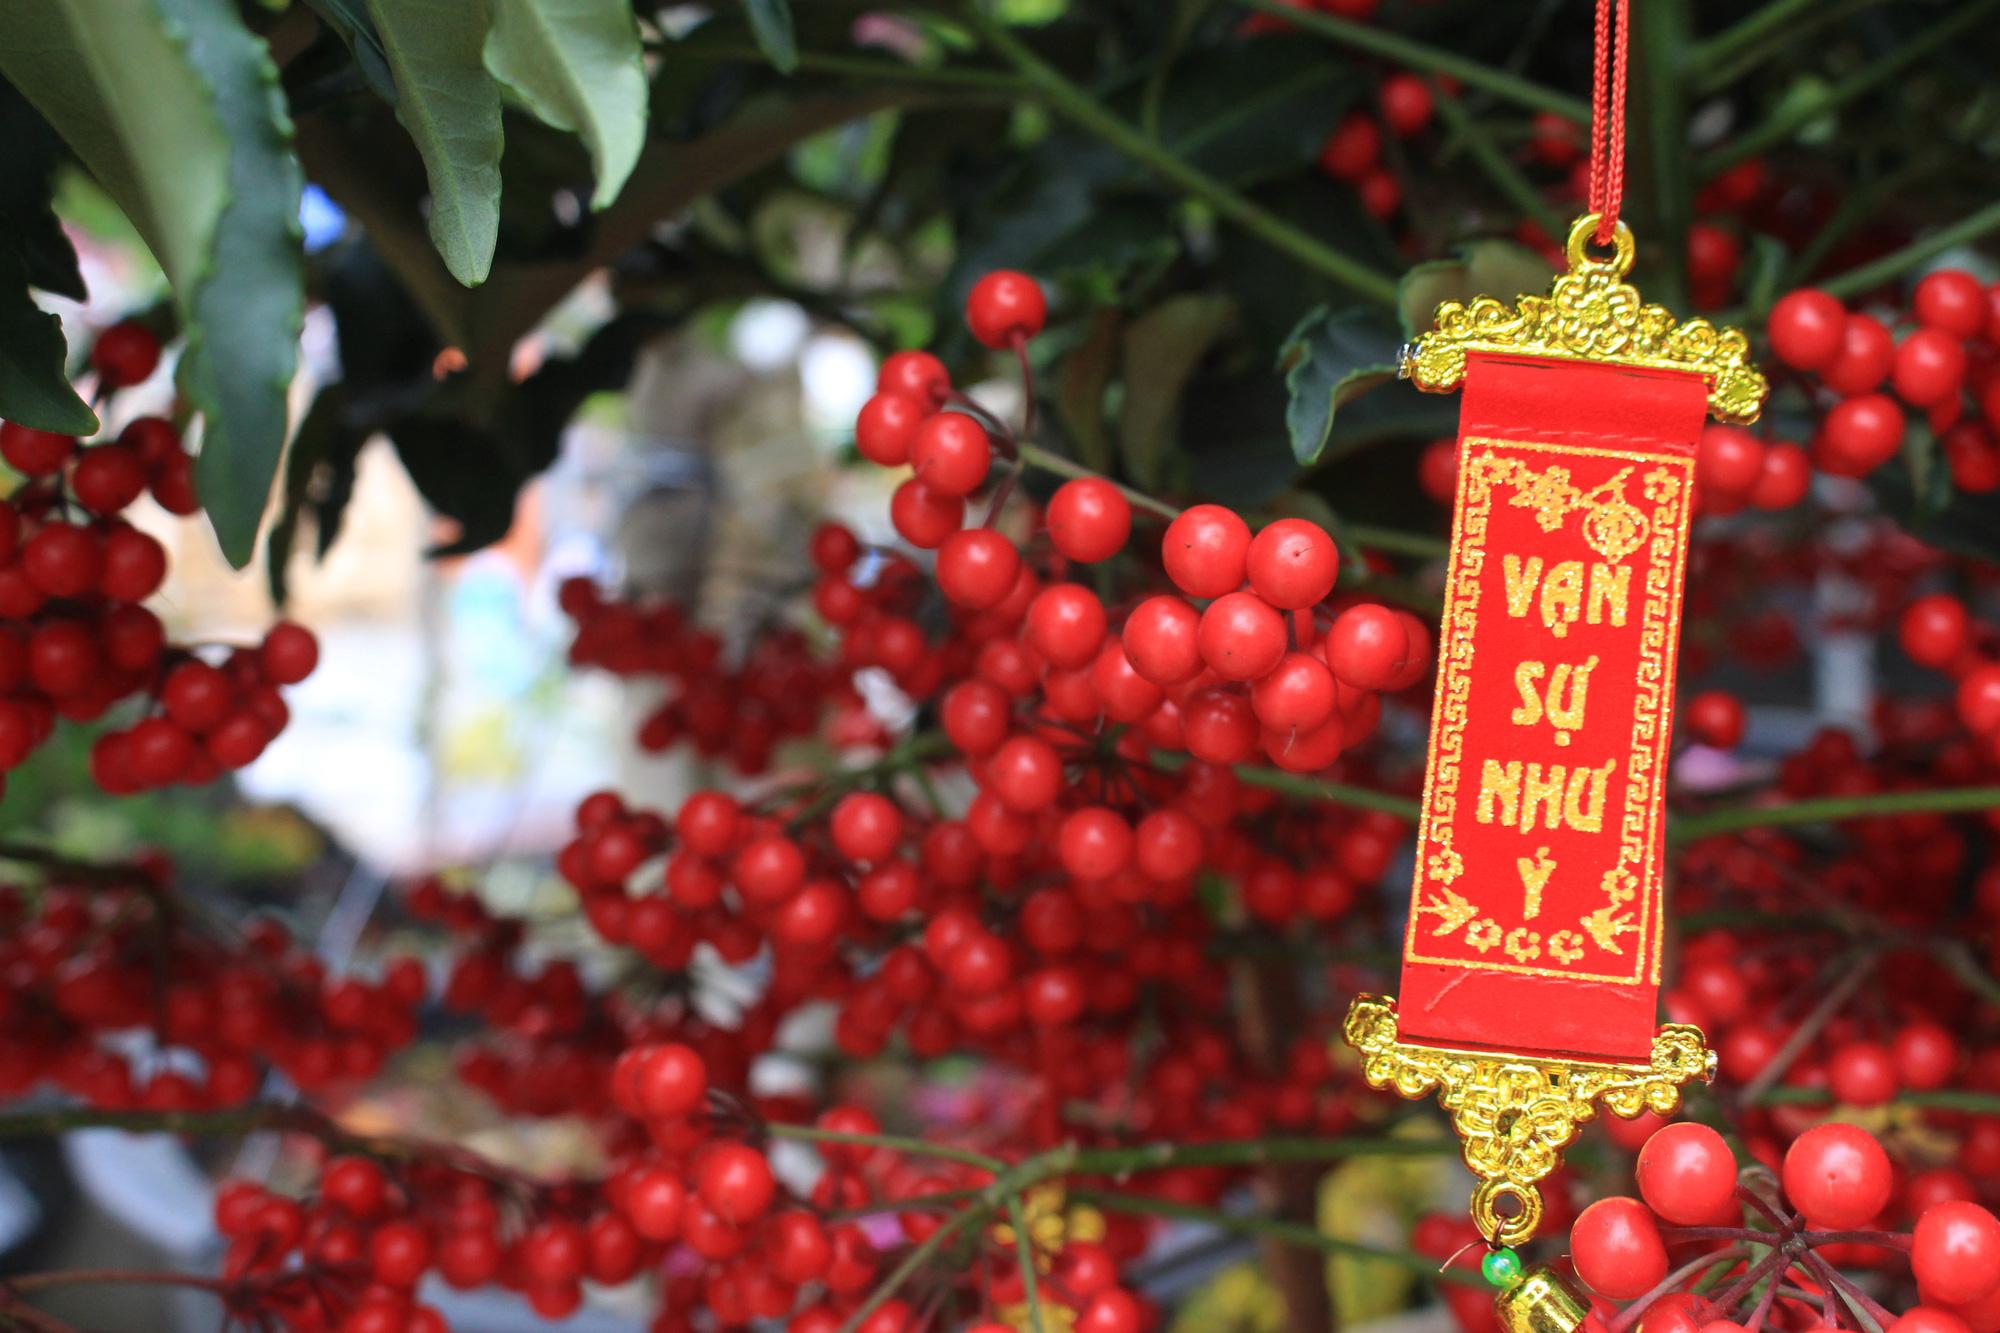 Hoa kiểng Tết đã bán tại Sài Gòn, tranh thủ giá rẻ, nhiều người đi mua sớm - Ảnh 8.